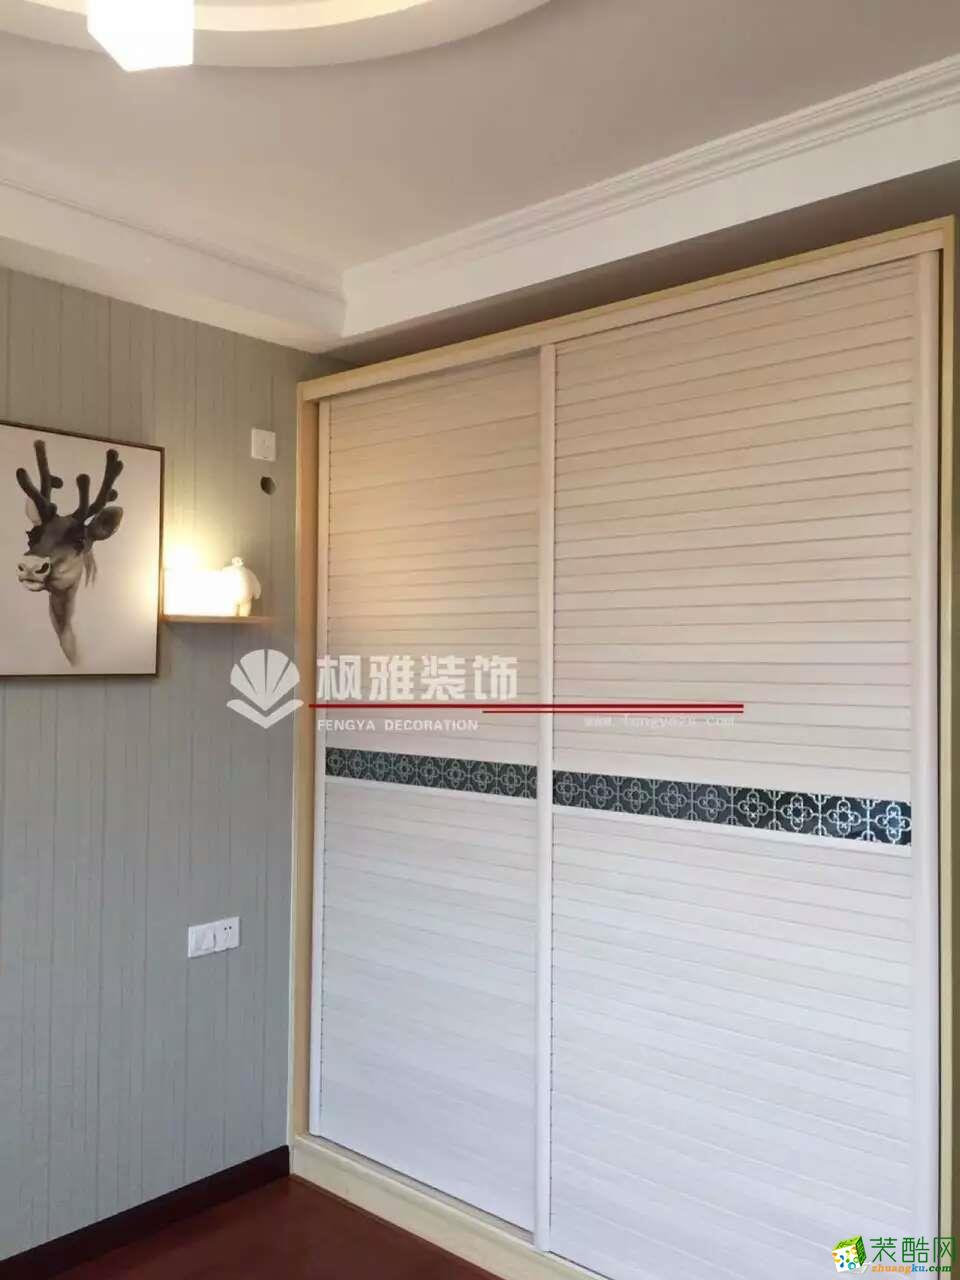 苏州枫雅装饰工程有限公司-三室两厅一卫